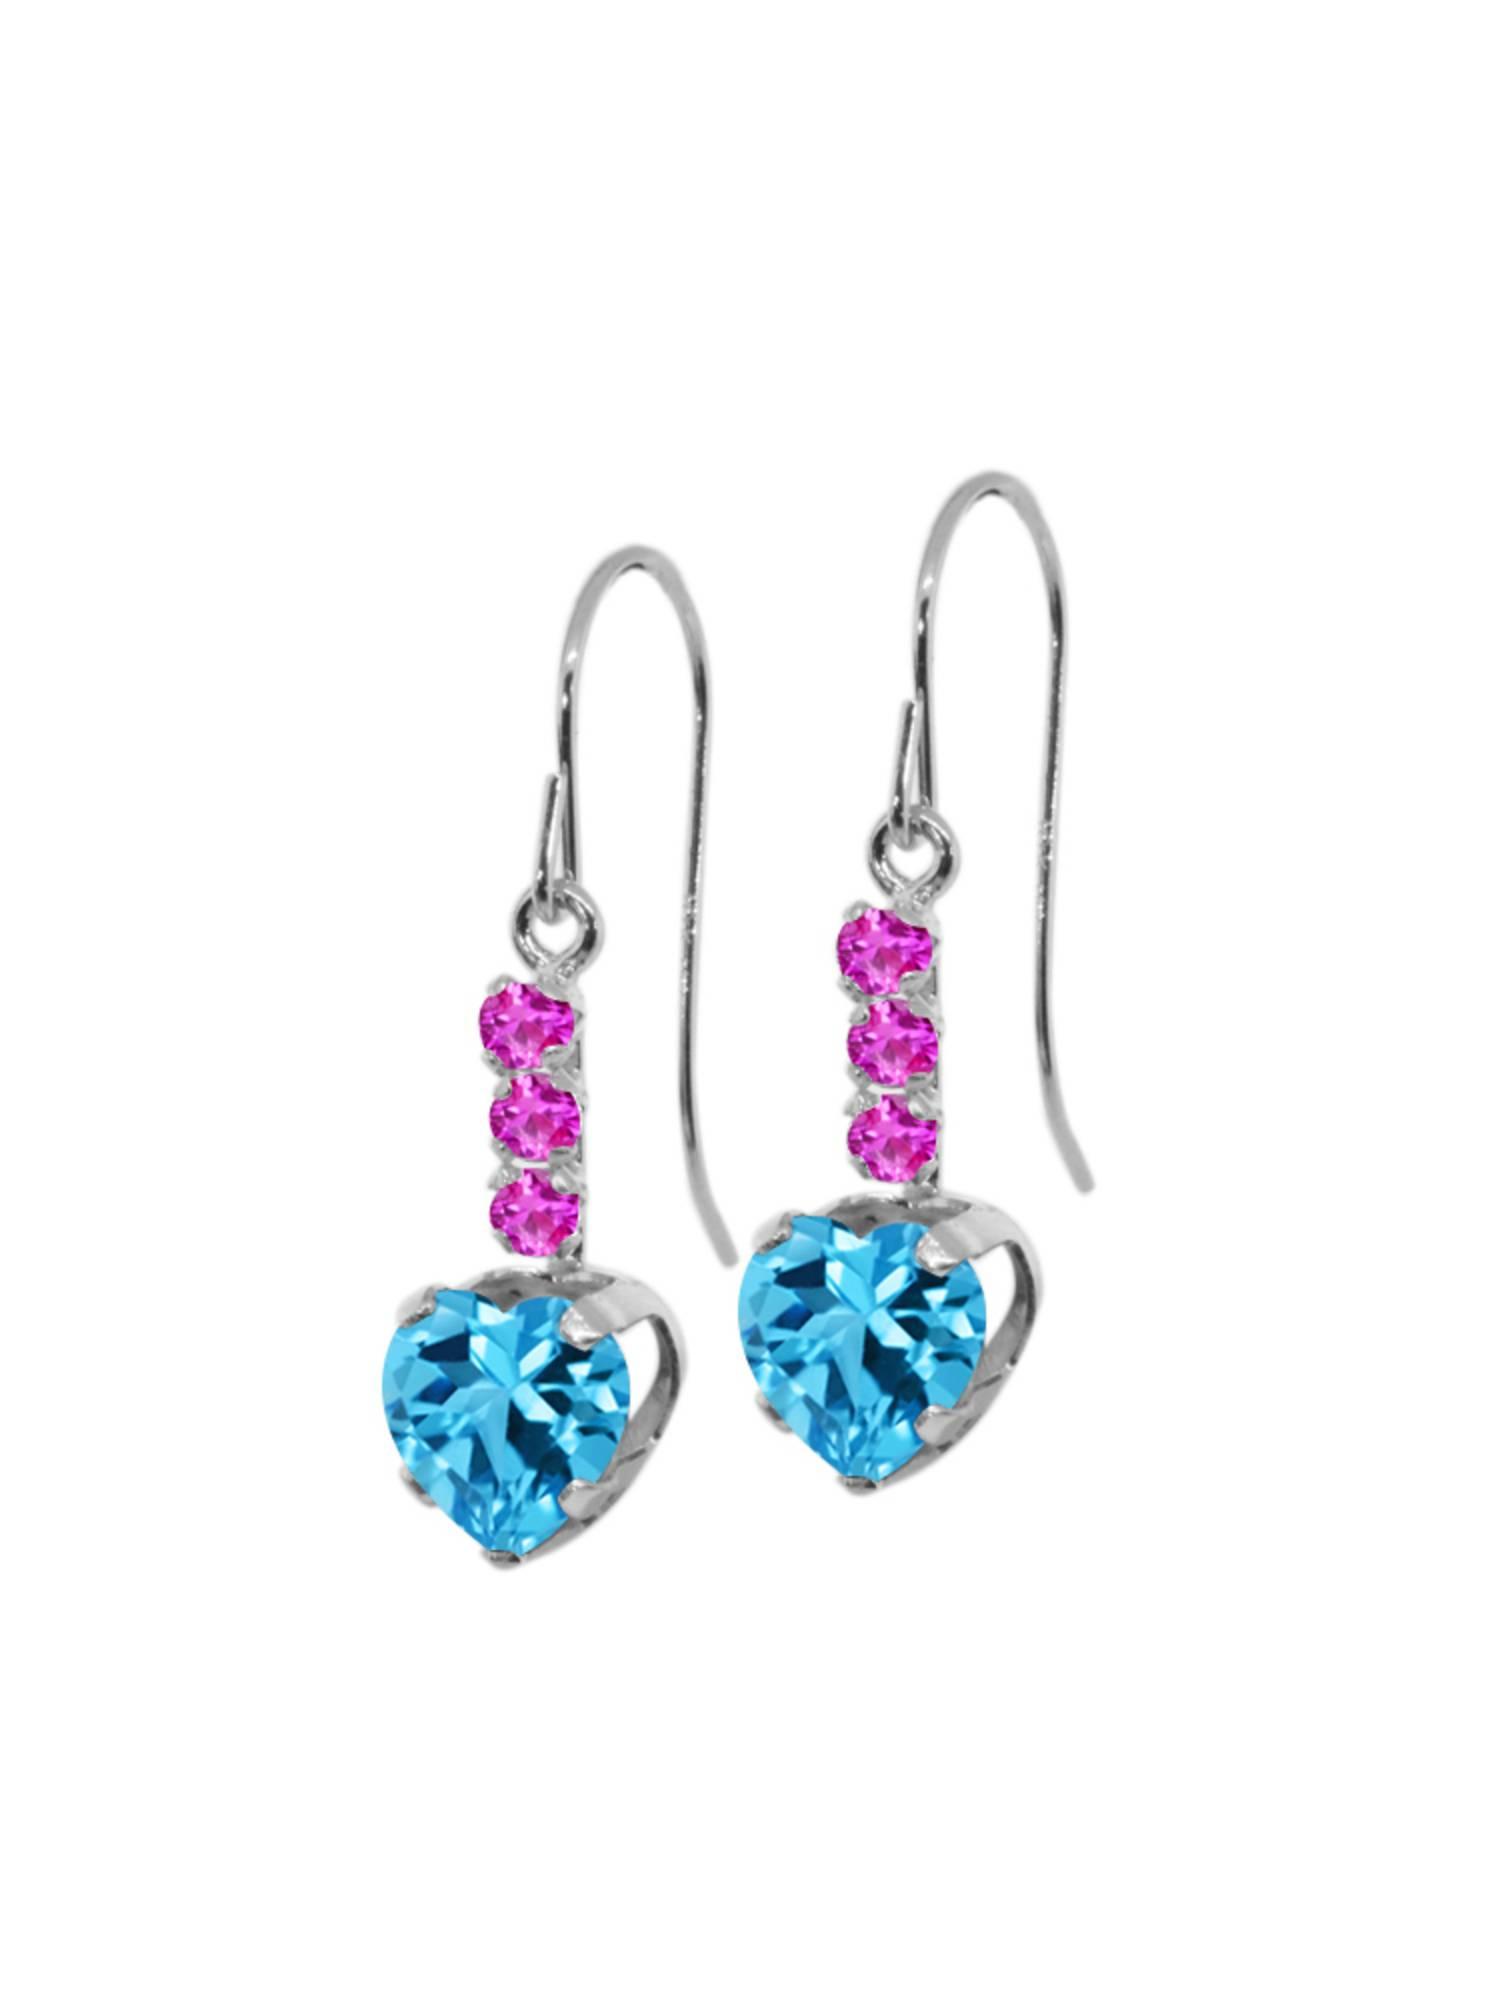 2.30 Ct Heart Shape Swiss Blue Topaz Pink Sapphire 14K White Gold Earrings by